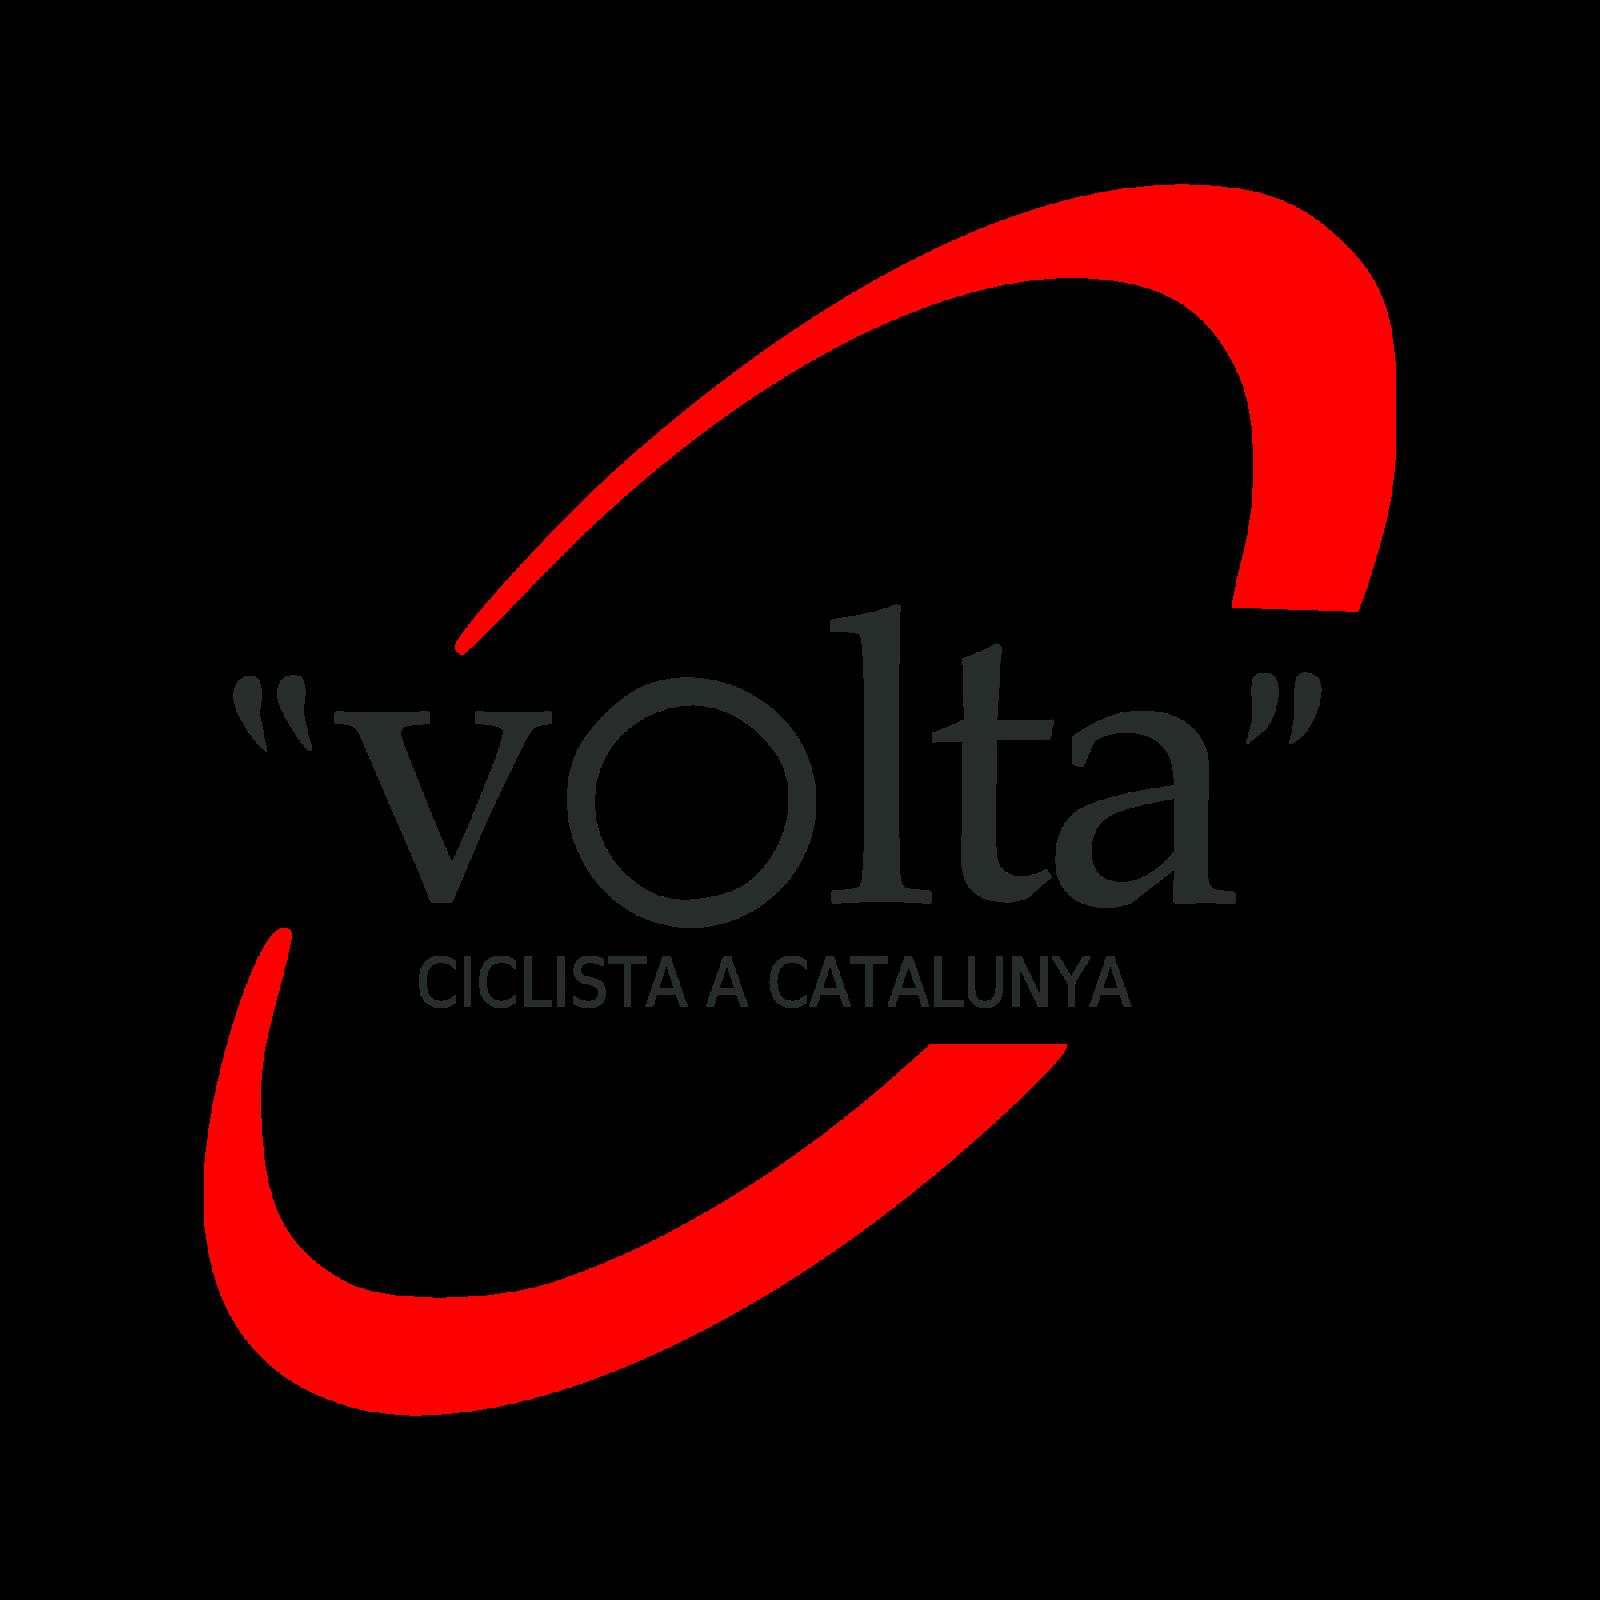 Vuelta a Cataluña - Válida 12 de 37 Polla Anual La Ruta del Escarabajo 9qb9kj